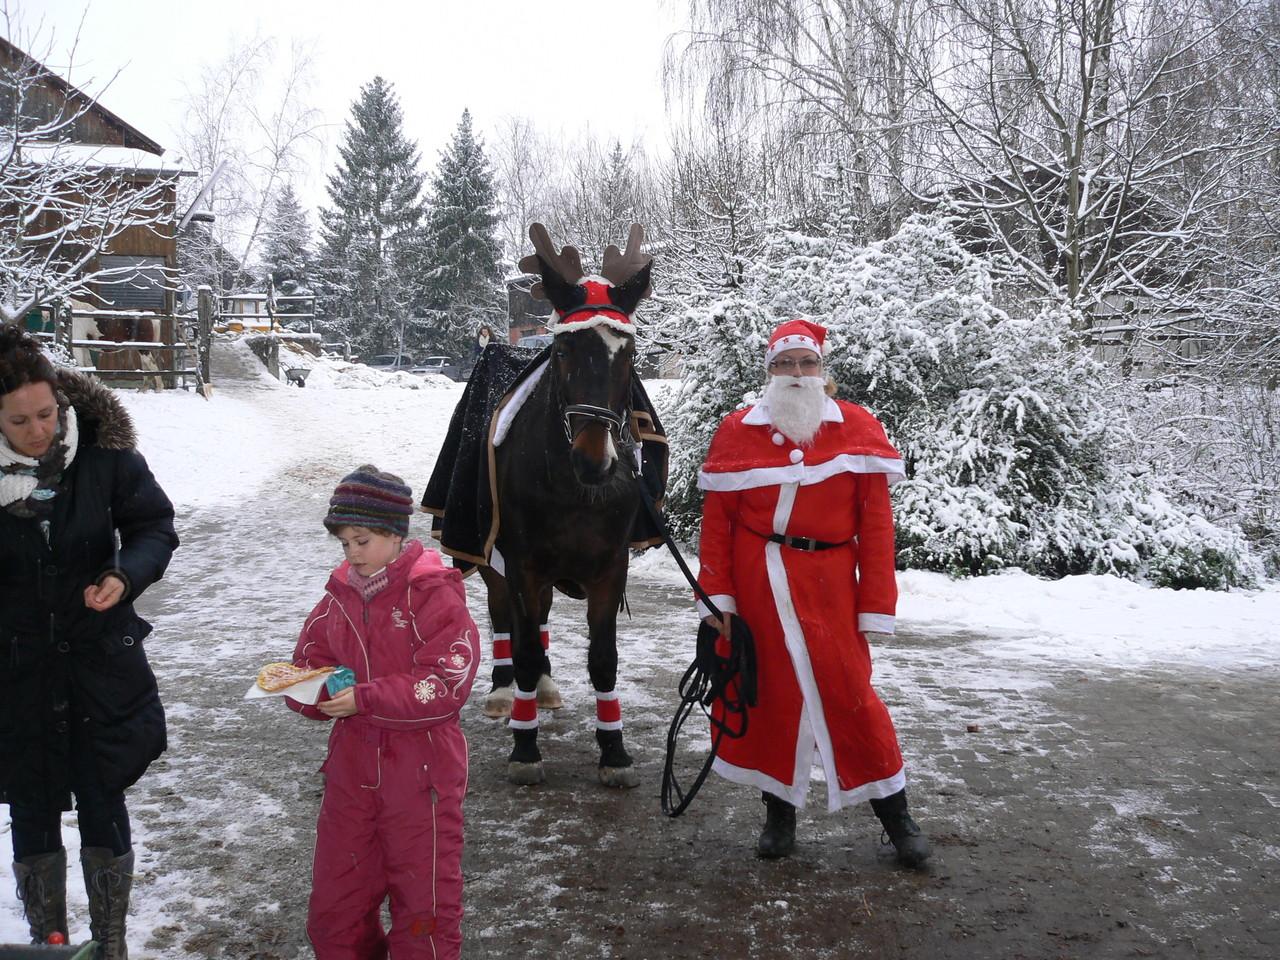 Rudolph das Rentier und der Weihnachtsmann